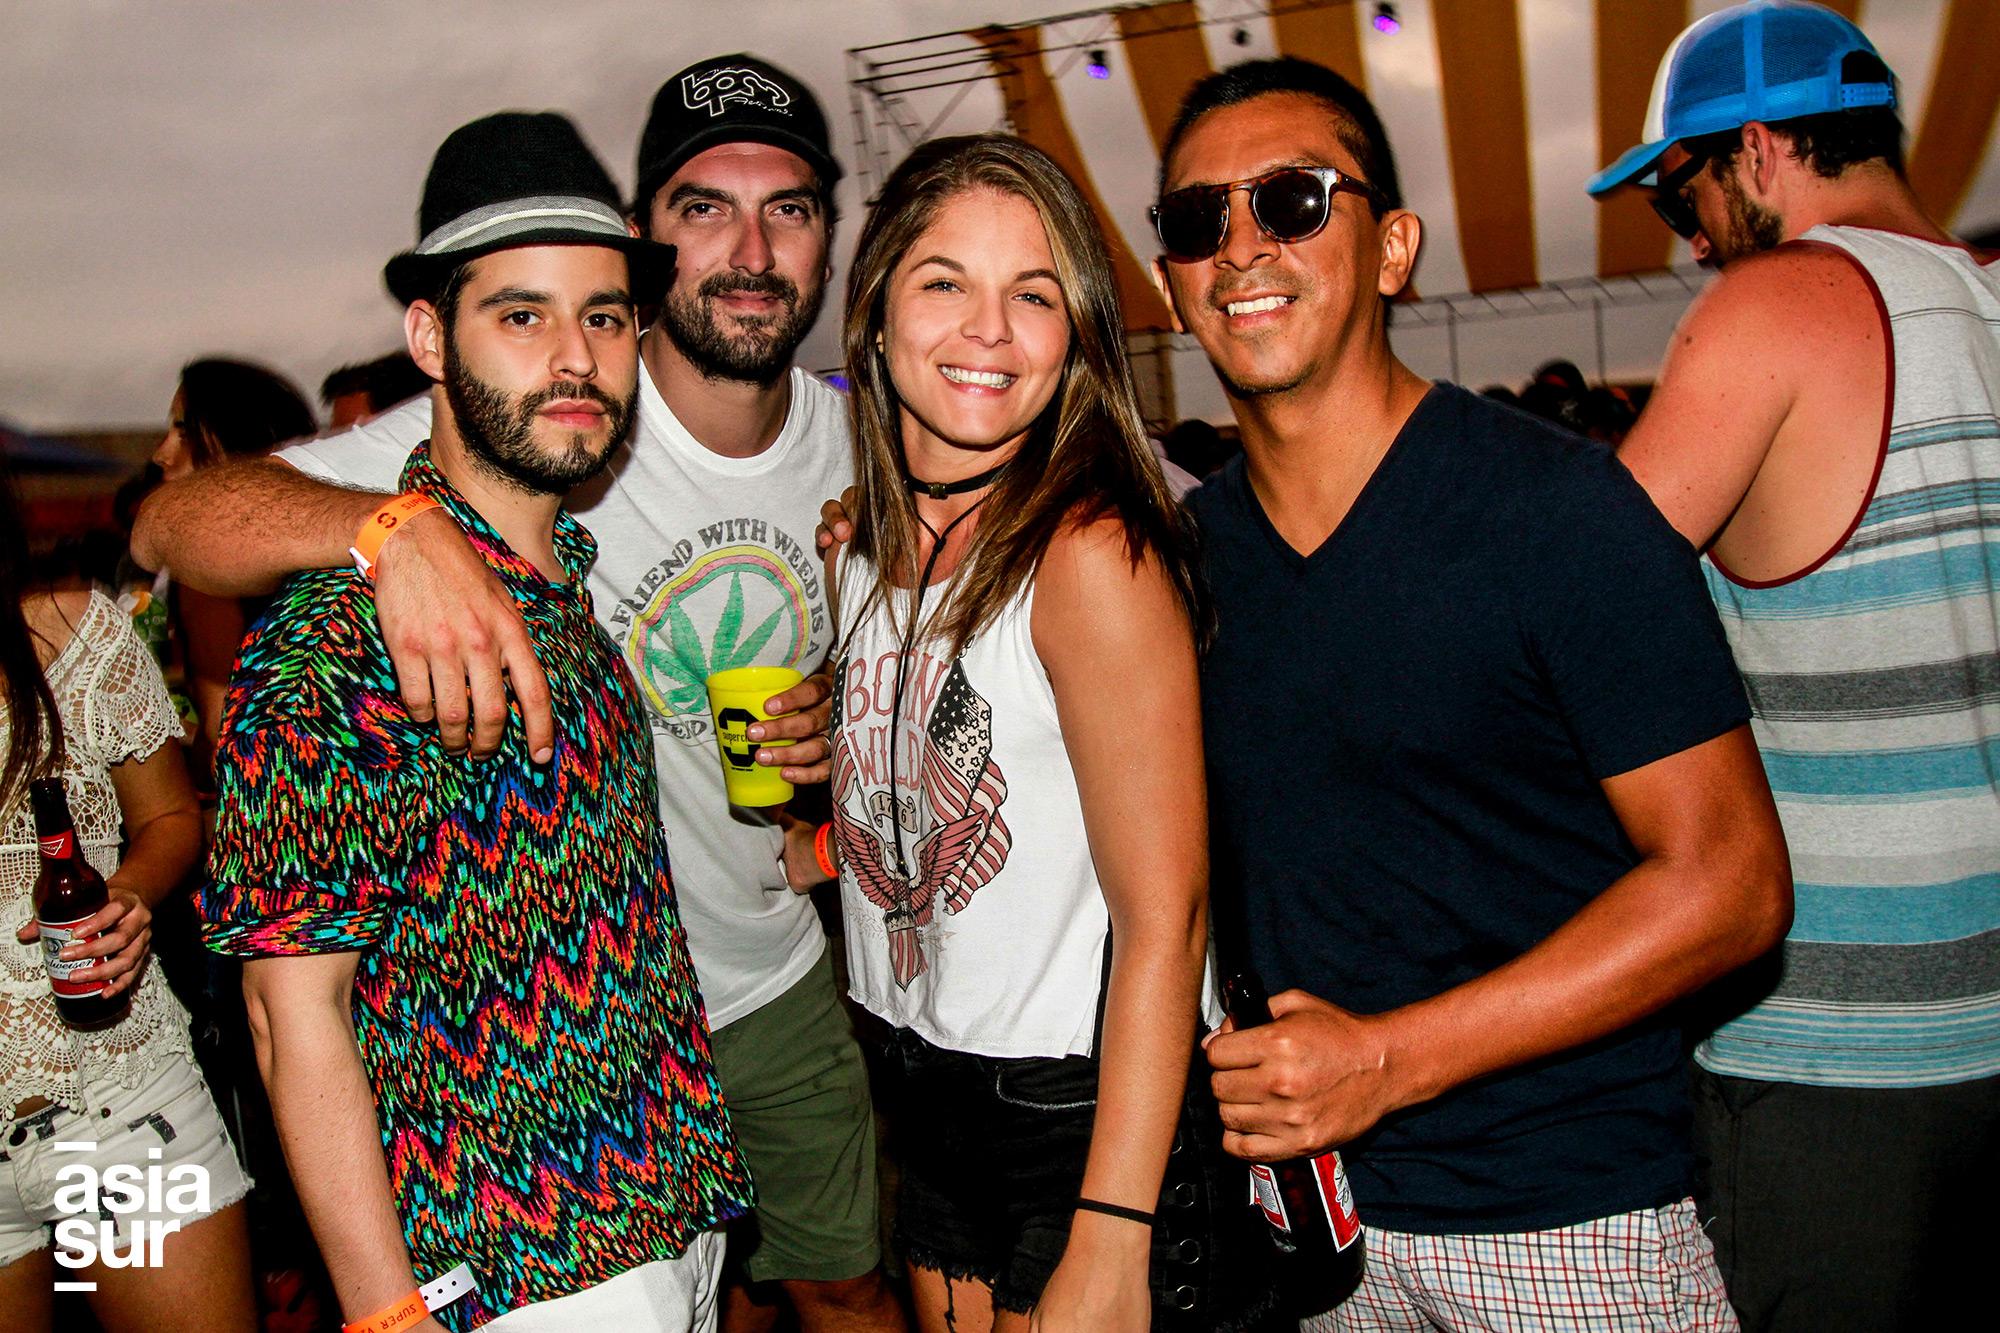 Javier Tolmos, Fefo Hanza, Pamela Vivanco y Jorge Luis Salinas en Huaka Beach Fest en Playa Asia